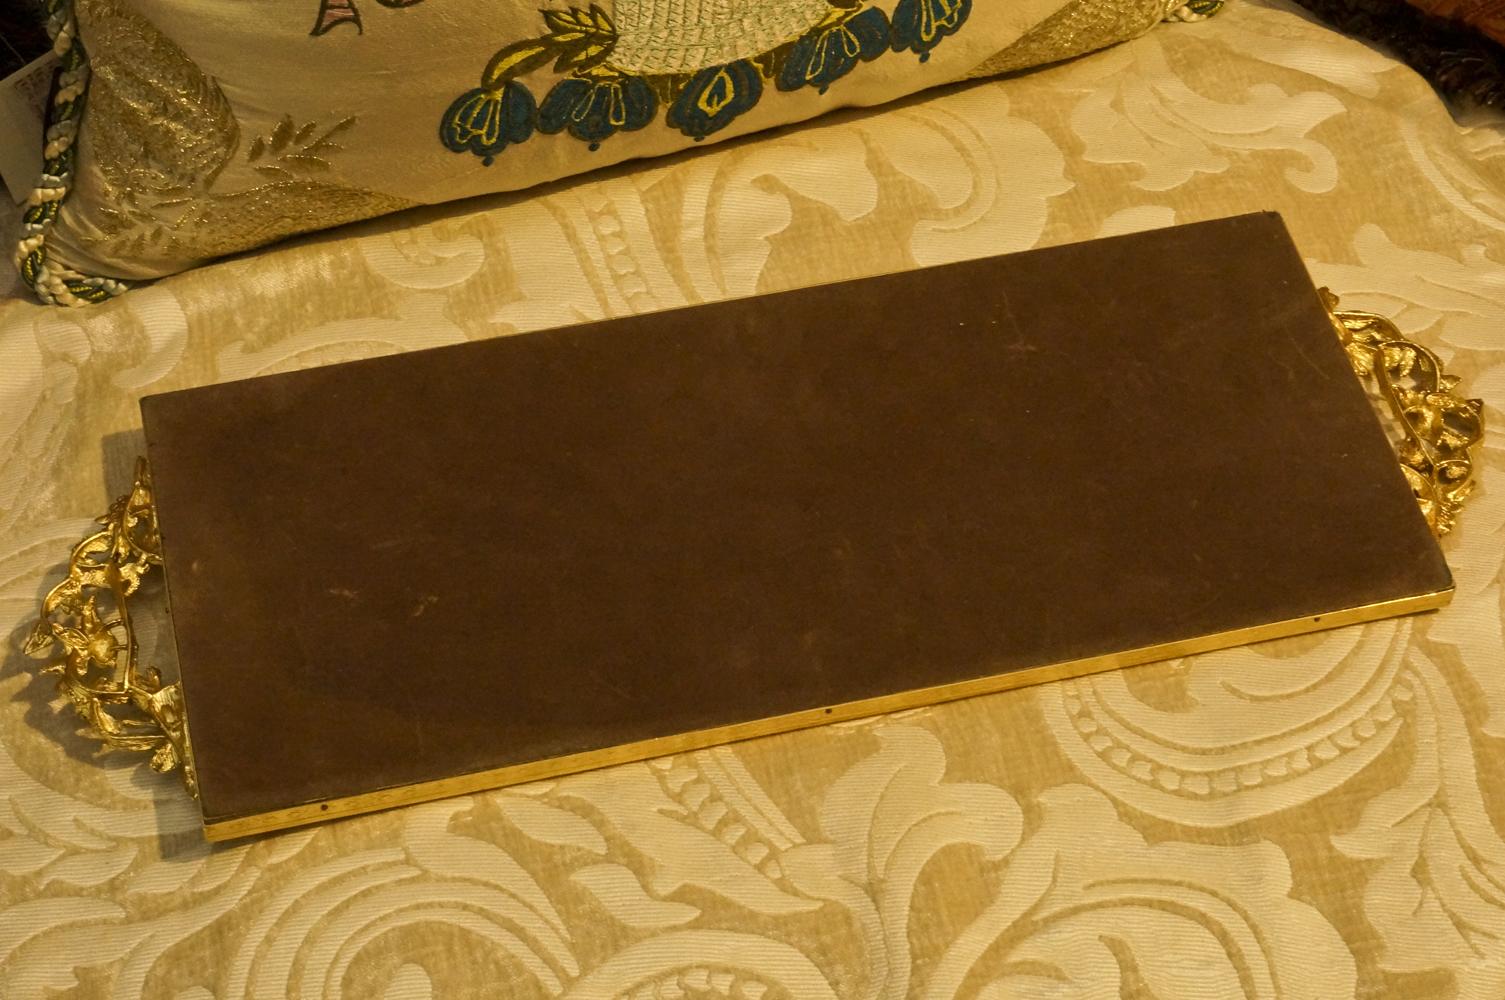 マトソン製 ゴールド 小鳥とハナミズキ 長方形 バニティミラートレー 裏側